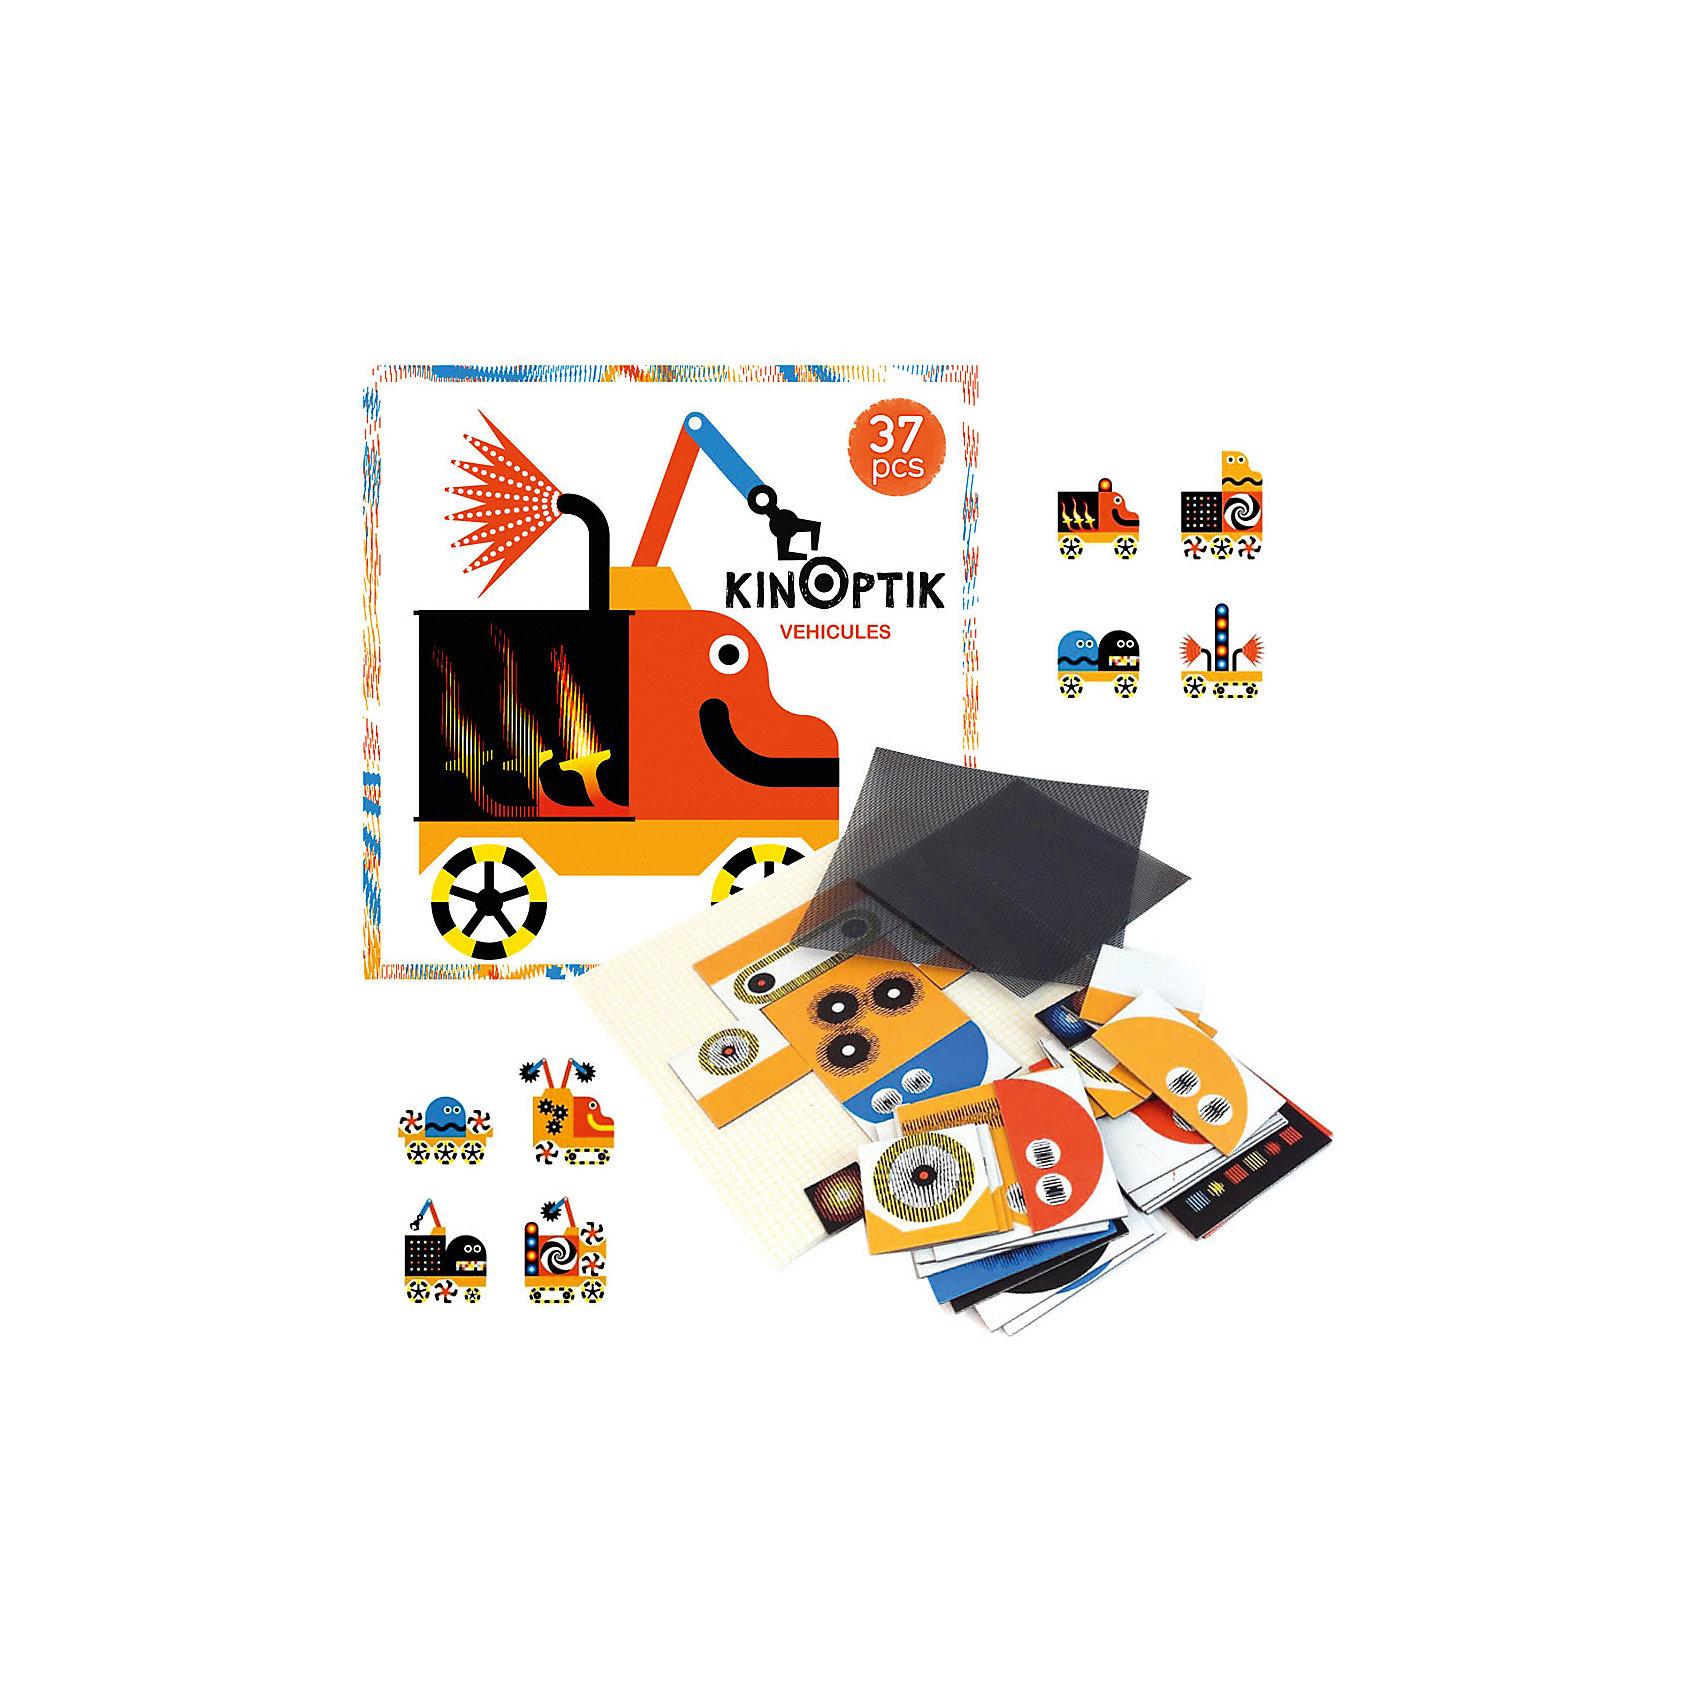 Пазл-аниматор Колеса, DJECOРазвивающие игры<br>Пазл-аниматор Колеса, DJECO (Джеко).<br><br>Характеристика:<br><br>• Материал: картон, магнит, пластик.   <br>• Размер упаковки: 26,5 х 26,5 х 5 см.<br>• Размер картинки: 25 х 25 см.<br>• Комплектация: магнитный лист-основа, 2 оптик-листа, 37 частей пазла, инструкция с примерами.<br>• Отдельные детали пазла двигаются. <br>• Развивает моторику рук, внимание и фантазию.<br>• Оригинальный красочный дизайн.<br>• Рекомендован для детей от 5 лет. <br><br>Пазлы-аниматоры Киноптик от французского бренда Джеко приведут в восторг любого ребенка! С этим чудесным набором дети смогут создать оригинальные машинки, а затем наблюдать, как они двигаются! Нужно лишь собрать из деталей картинку, приложить к ней специальный прозрачный лист и провести по нему рукой: забавные машины оживут!  <br>Все детали набора выполнены из высококачественных нетоксичных материалов абсолютно безопасных для детей. Игра с пазлом - увлекательное и полезное занятие, развивающее моторику рук, внимание, фантазию и умение работать по инструкции. <br><br>Пазл-аниматор Колеса, DJECO (Джеко), можно купить в нашем интернет-магазине.<br><br>Ширина мм: 265<br>Глубина мм: 265<br>Высота мм: 50<br>Вес г: 800<br>Возраст от месяцев: 60<br>Возраст до месяцев: 2147483647<br>Пол: Унисекс<br>Возраст: Детский<br>SKU: 5218936